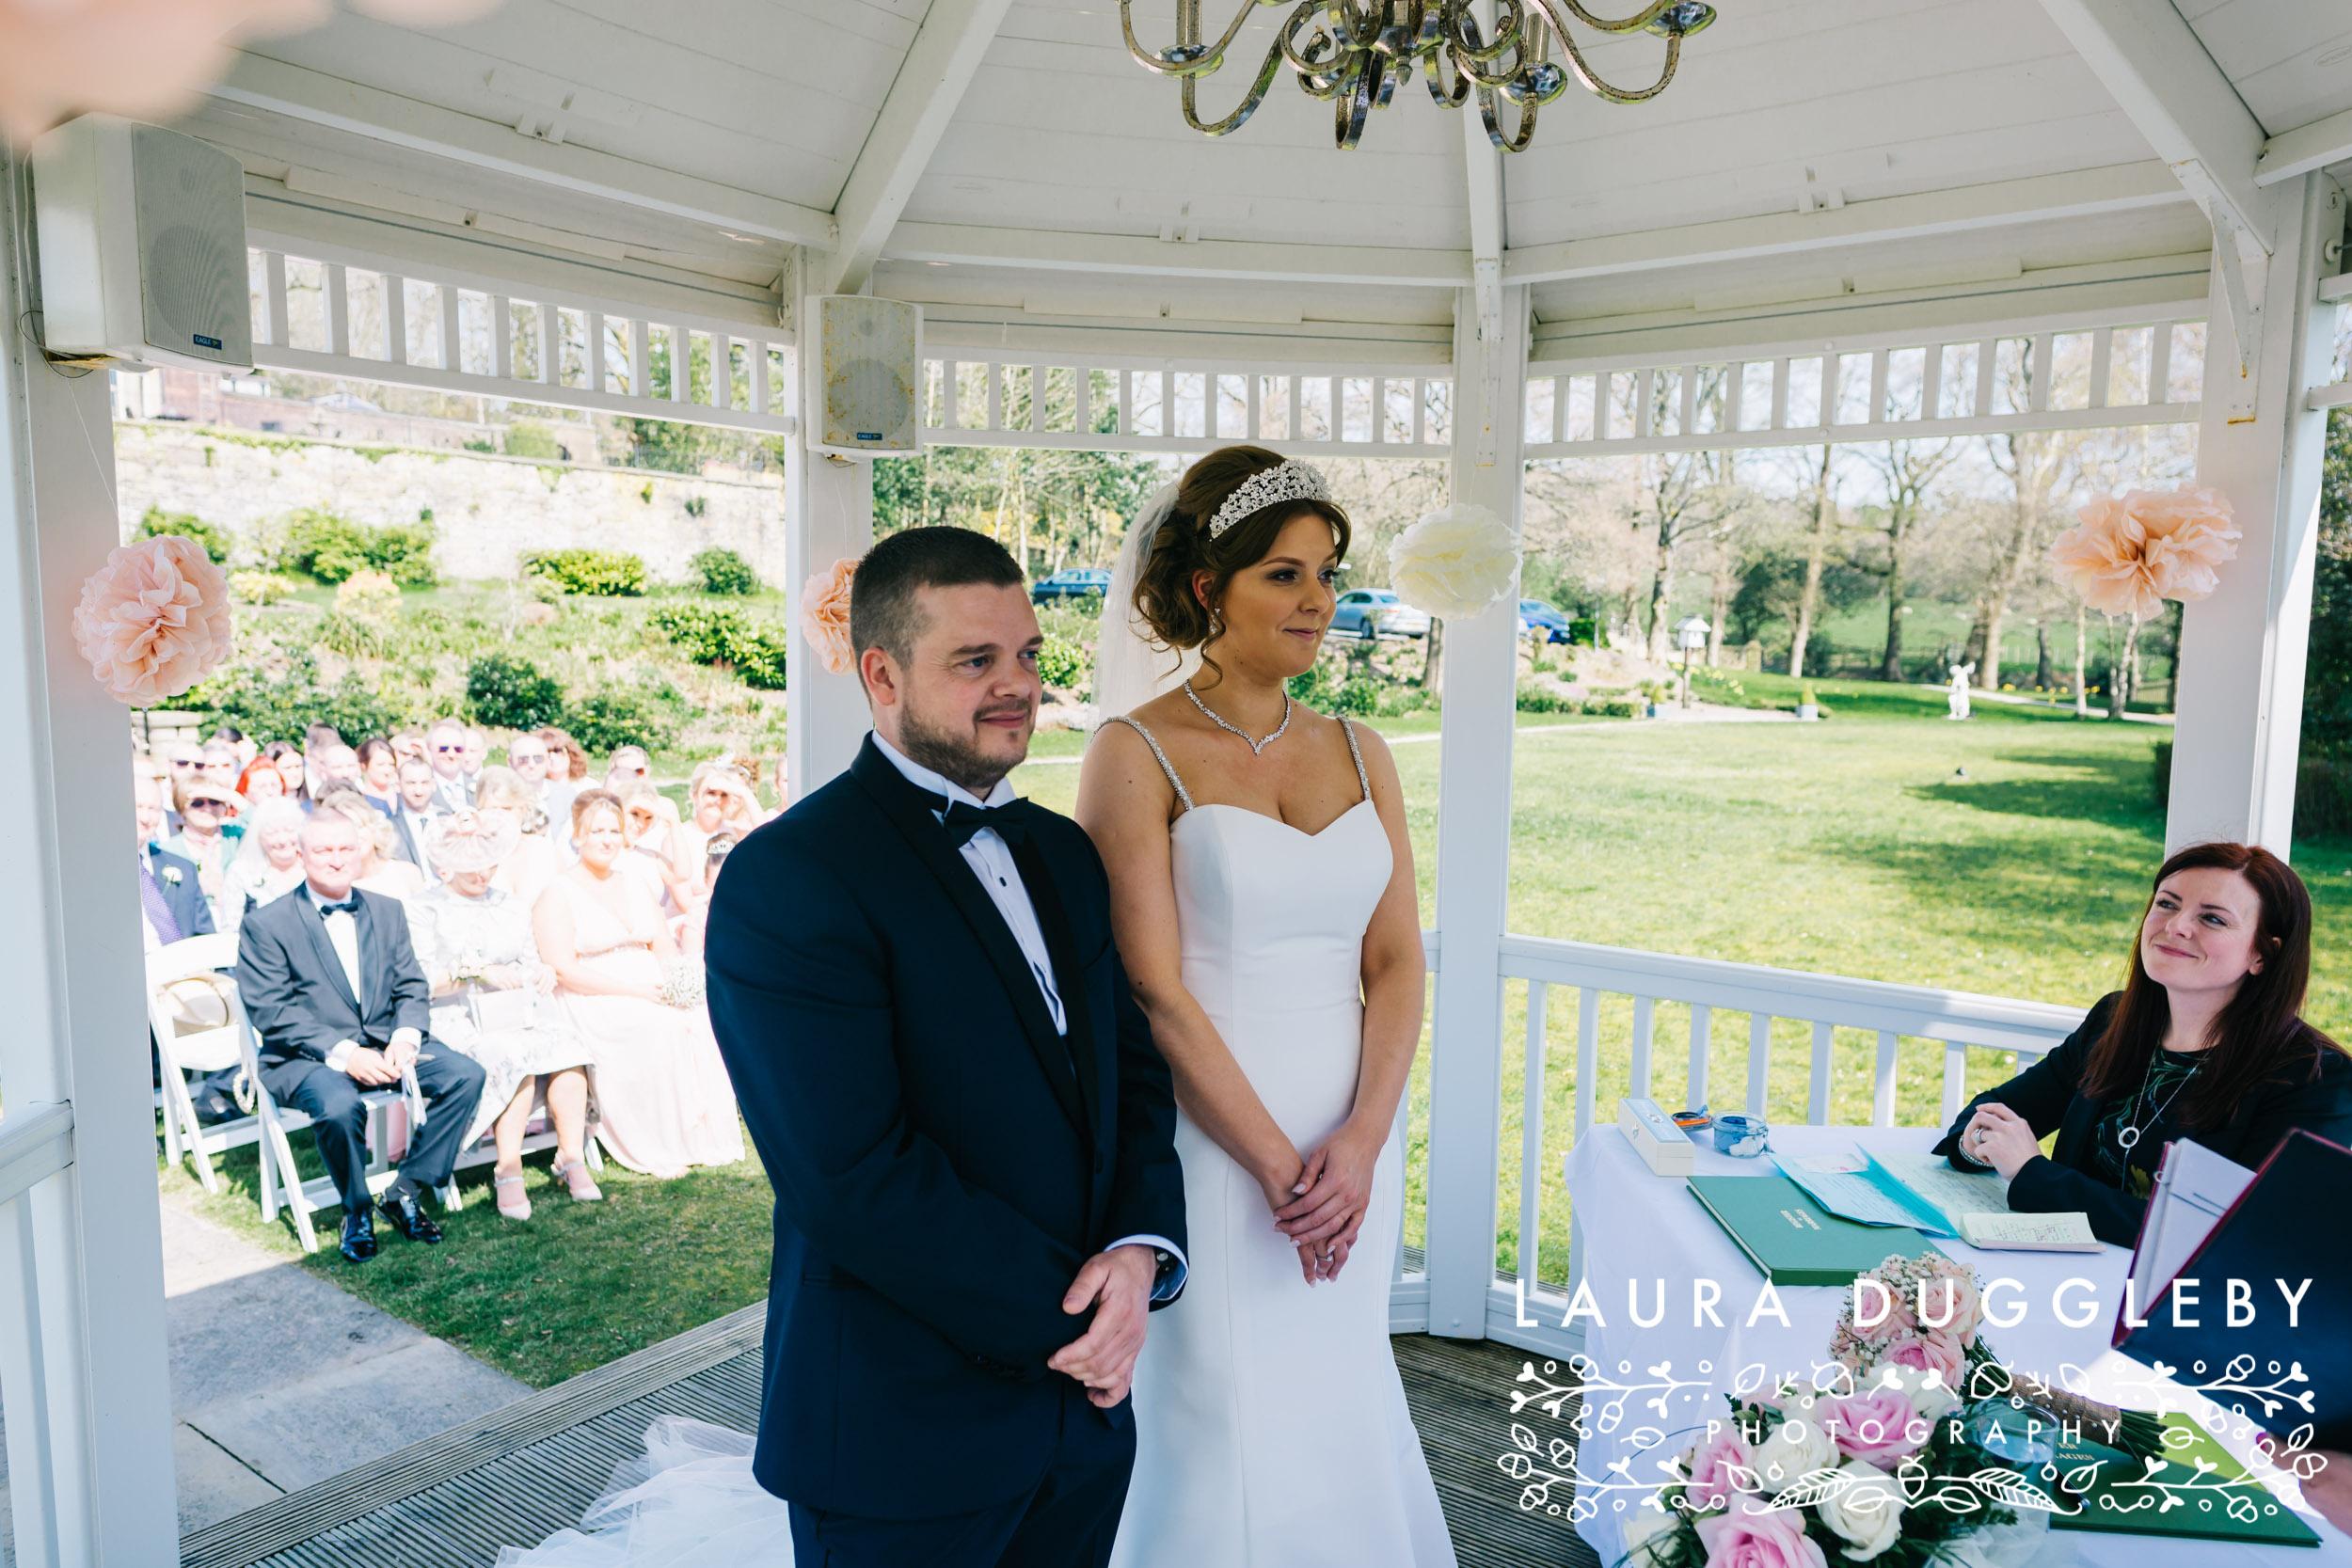 Higher Trapp Hotel Burnley Wedding-29.jpg